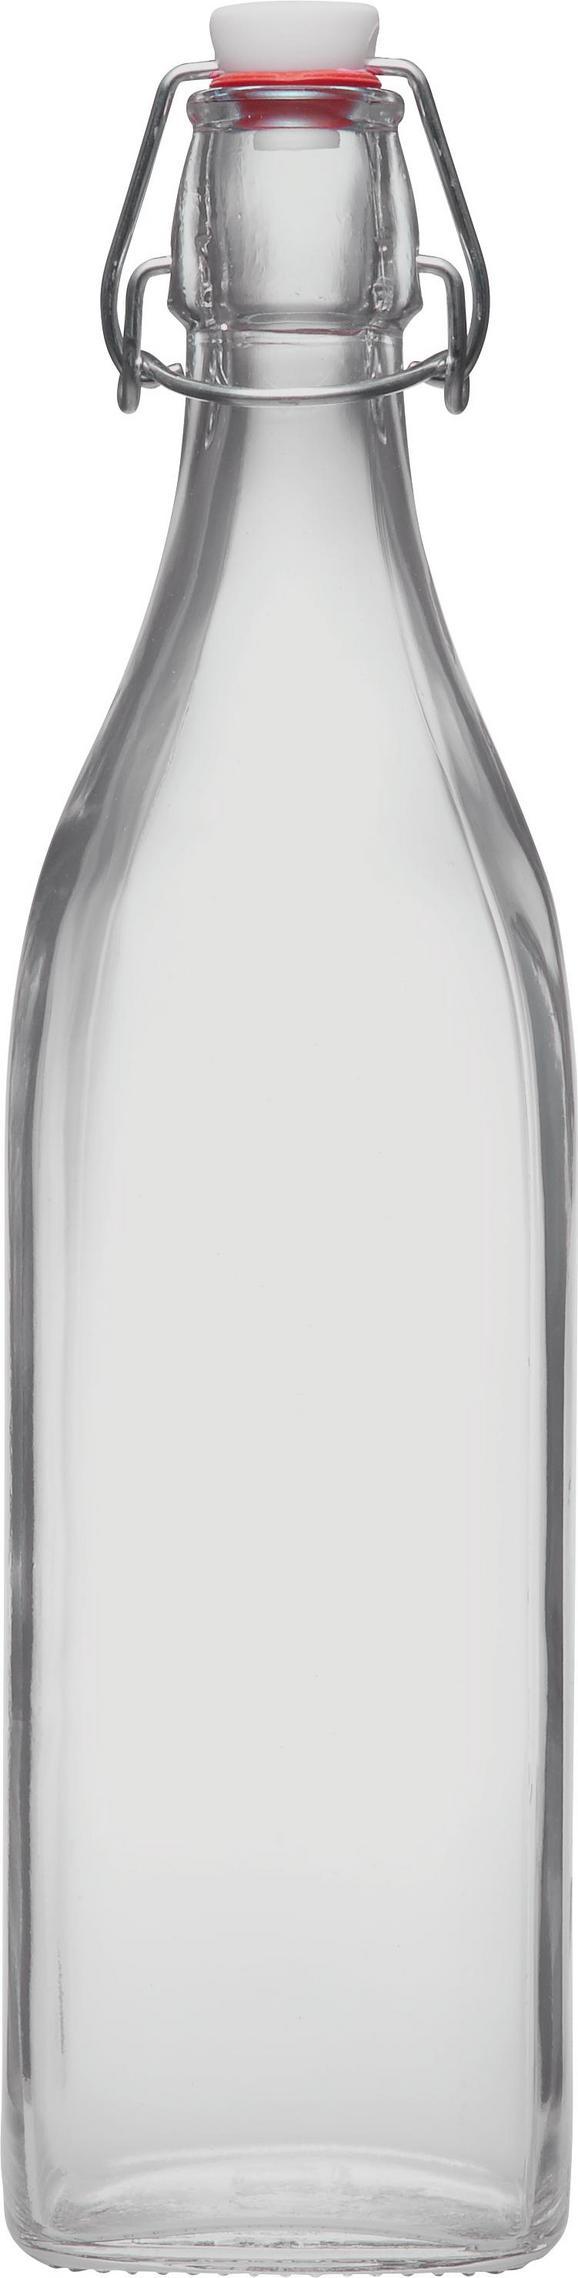 Univerzalna Steklenička Swing - prozorna, steklo (1l) - Mömax modern living